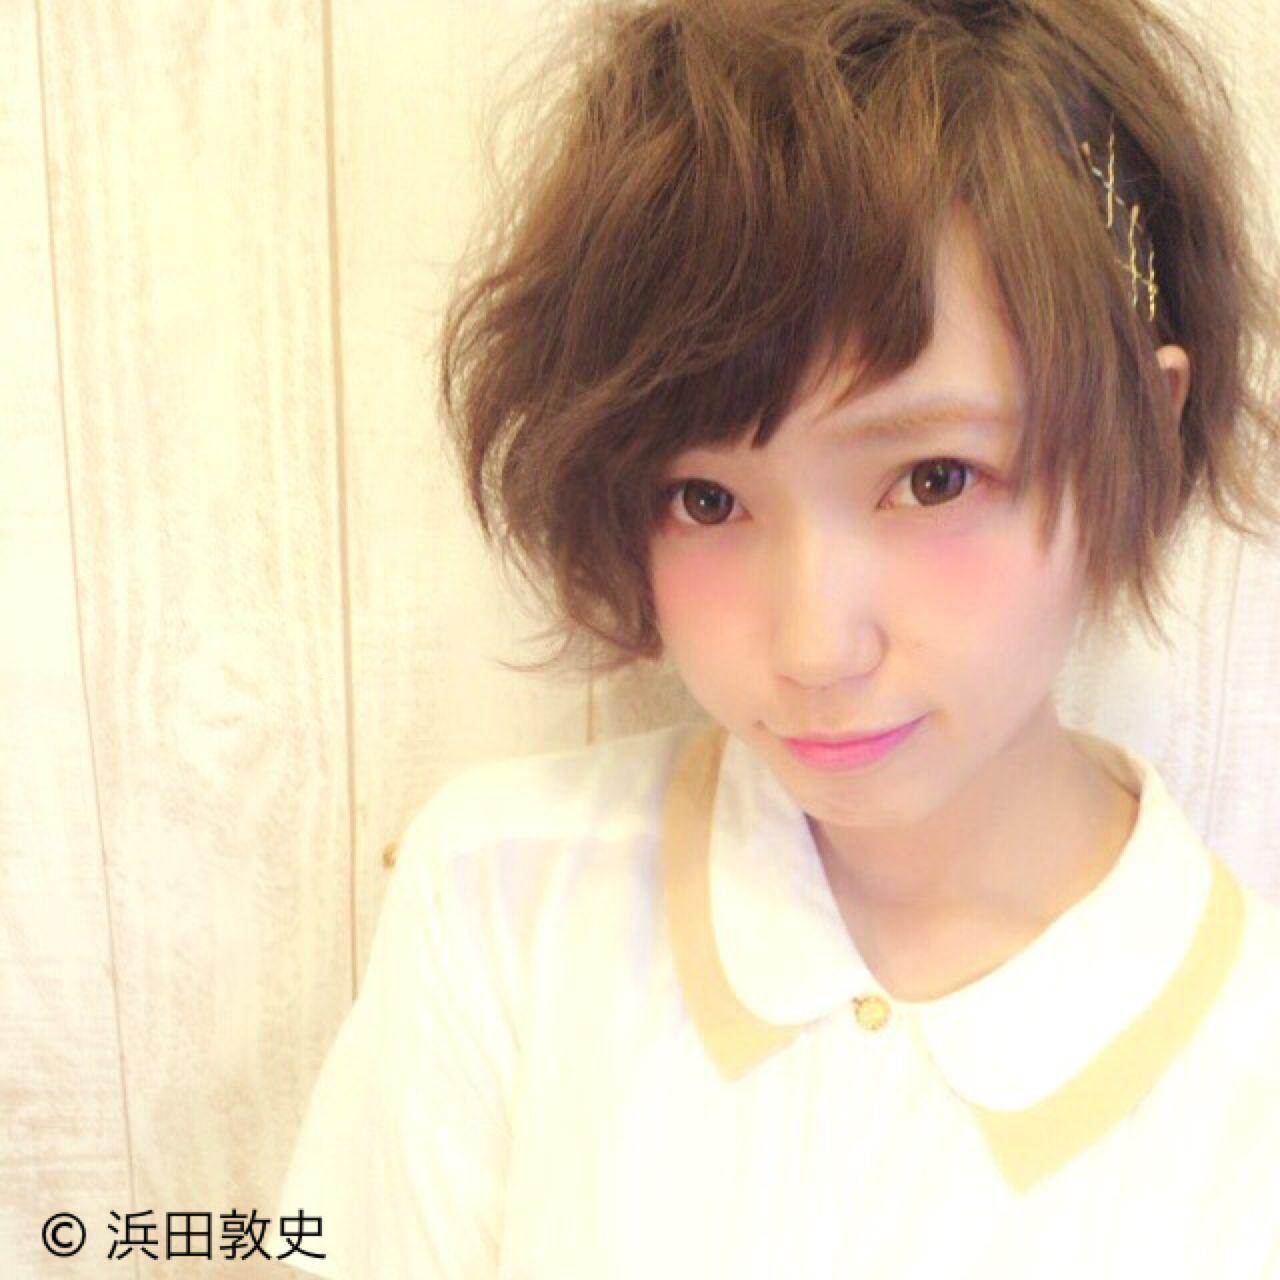 ショート ヘアアレンジ ストリート 卵型 ヘアスタイルや髪型の写真・画像 | 浜田敦史 / Tiffa栄